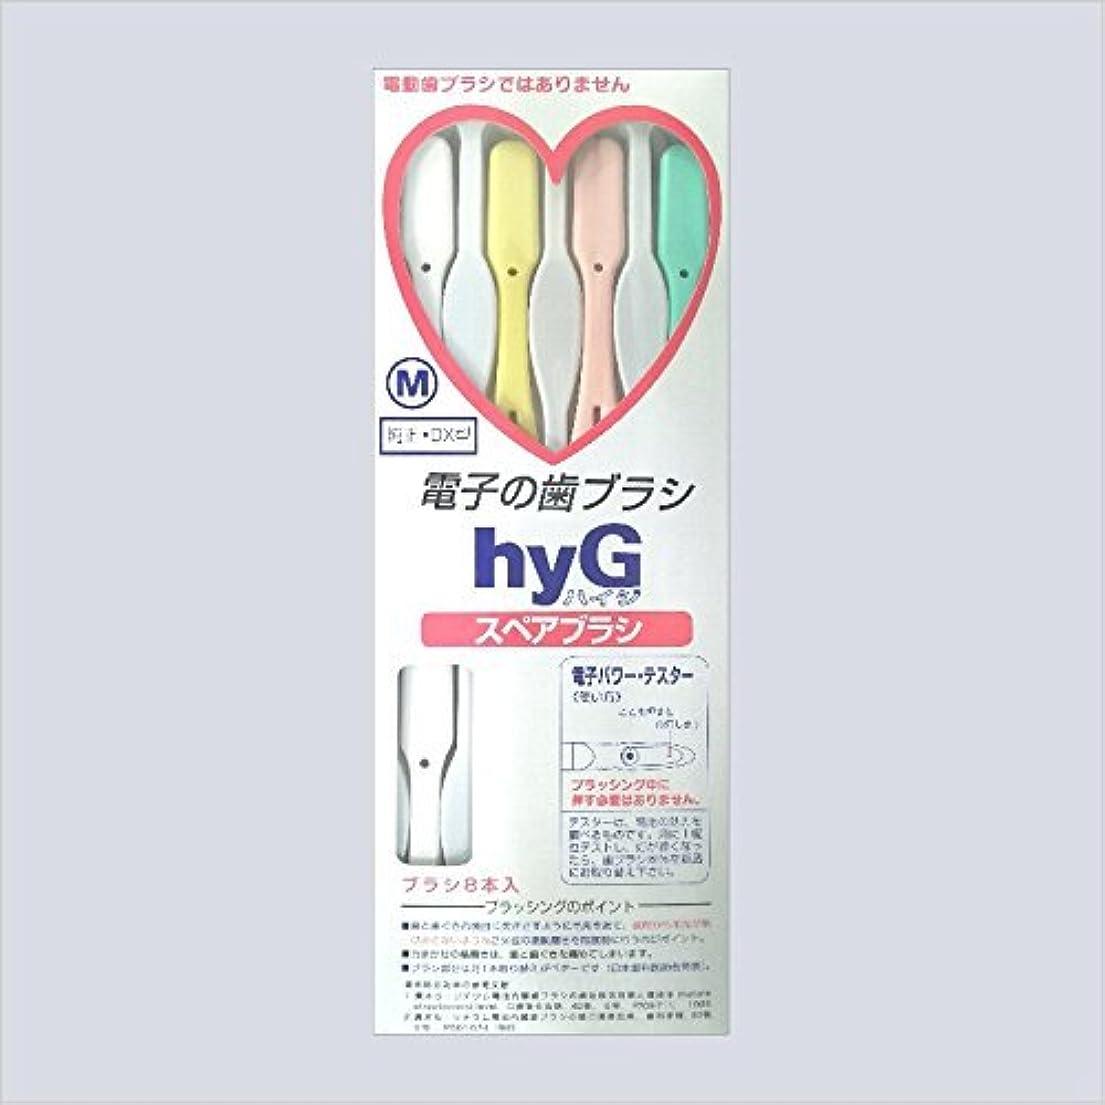 商標正しい考えた電子の歯ブラシ ハイジ(hyG)?スペアブラシ <ブラシの硬さ:Hかため> (※こちらは「スペアブラシ」です )?hyG-DX型